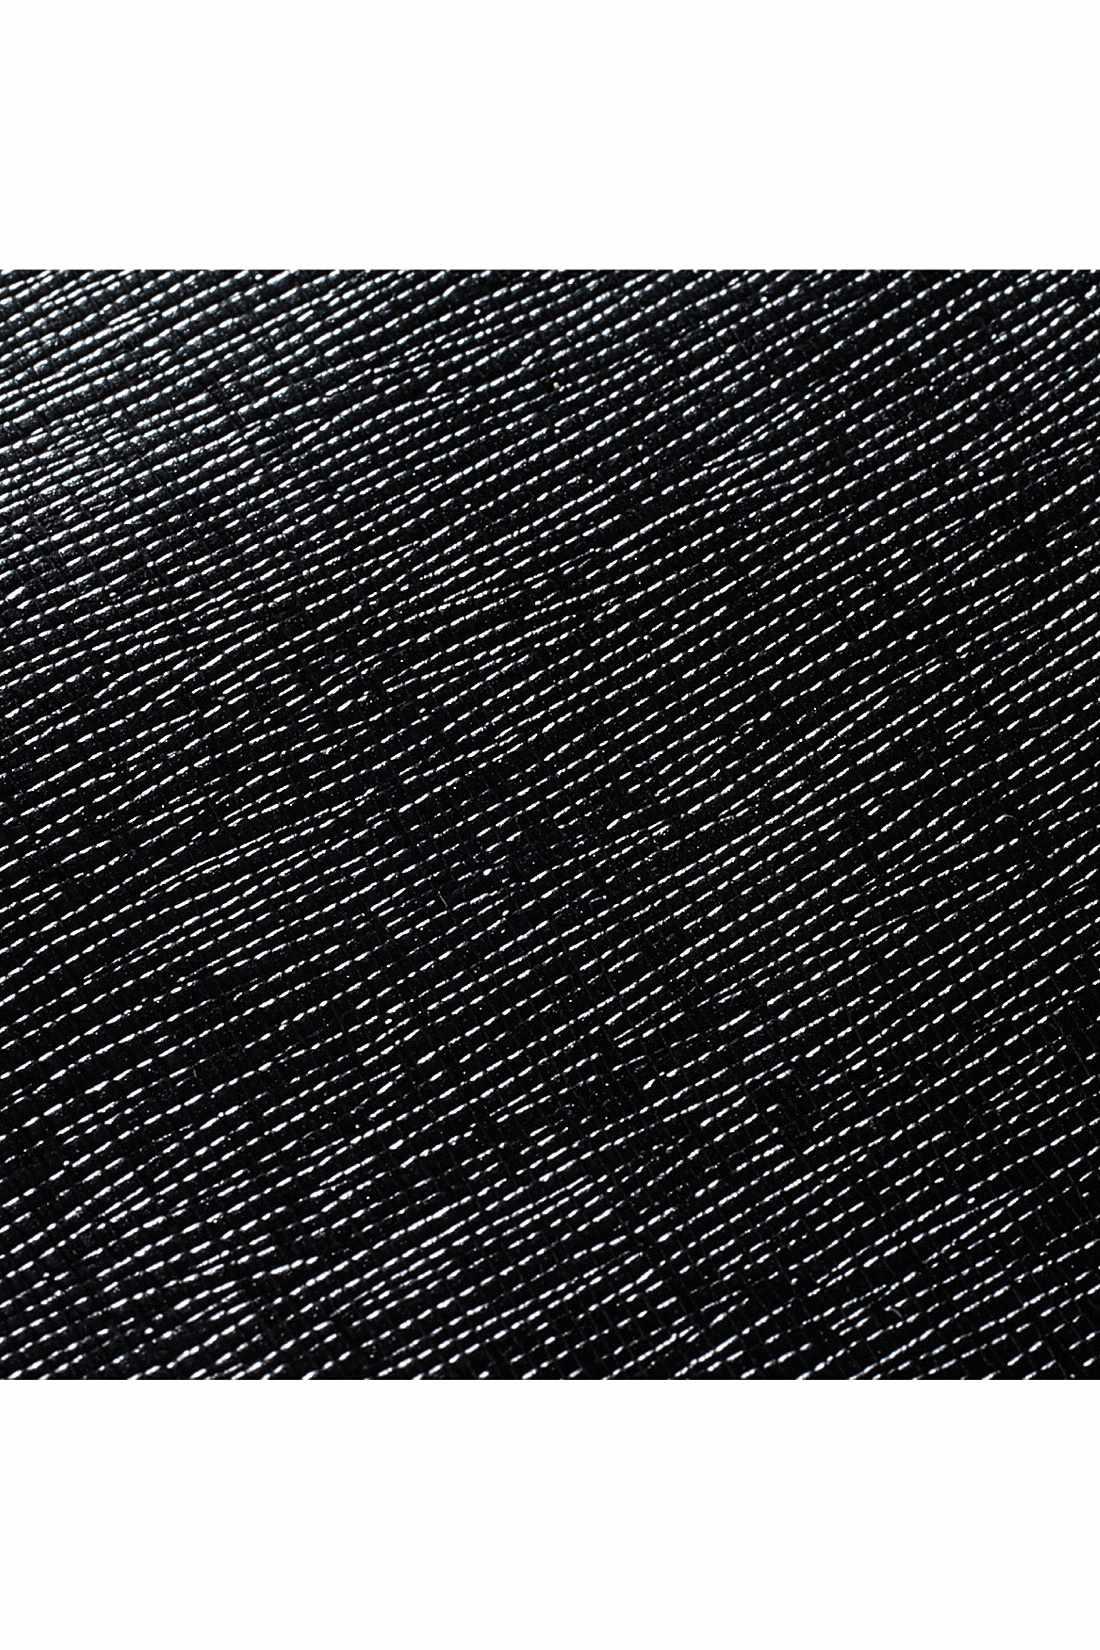 本革のようなニュアンスのある素材感が上質な雰囲気を放ちます。